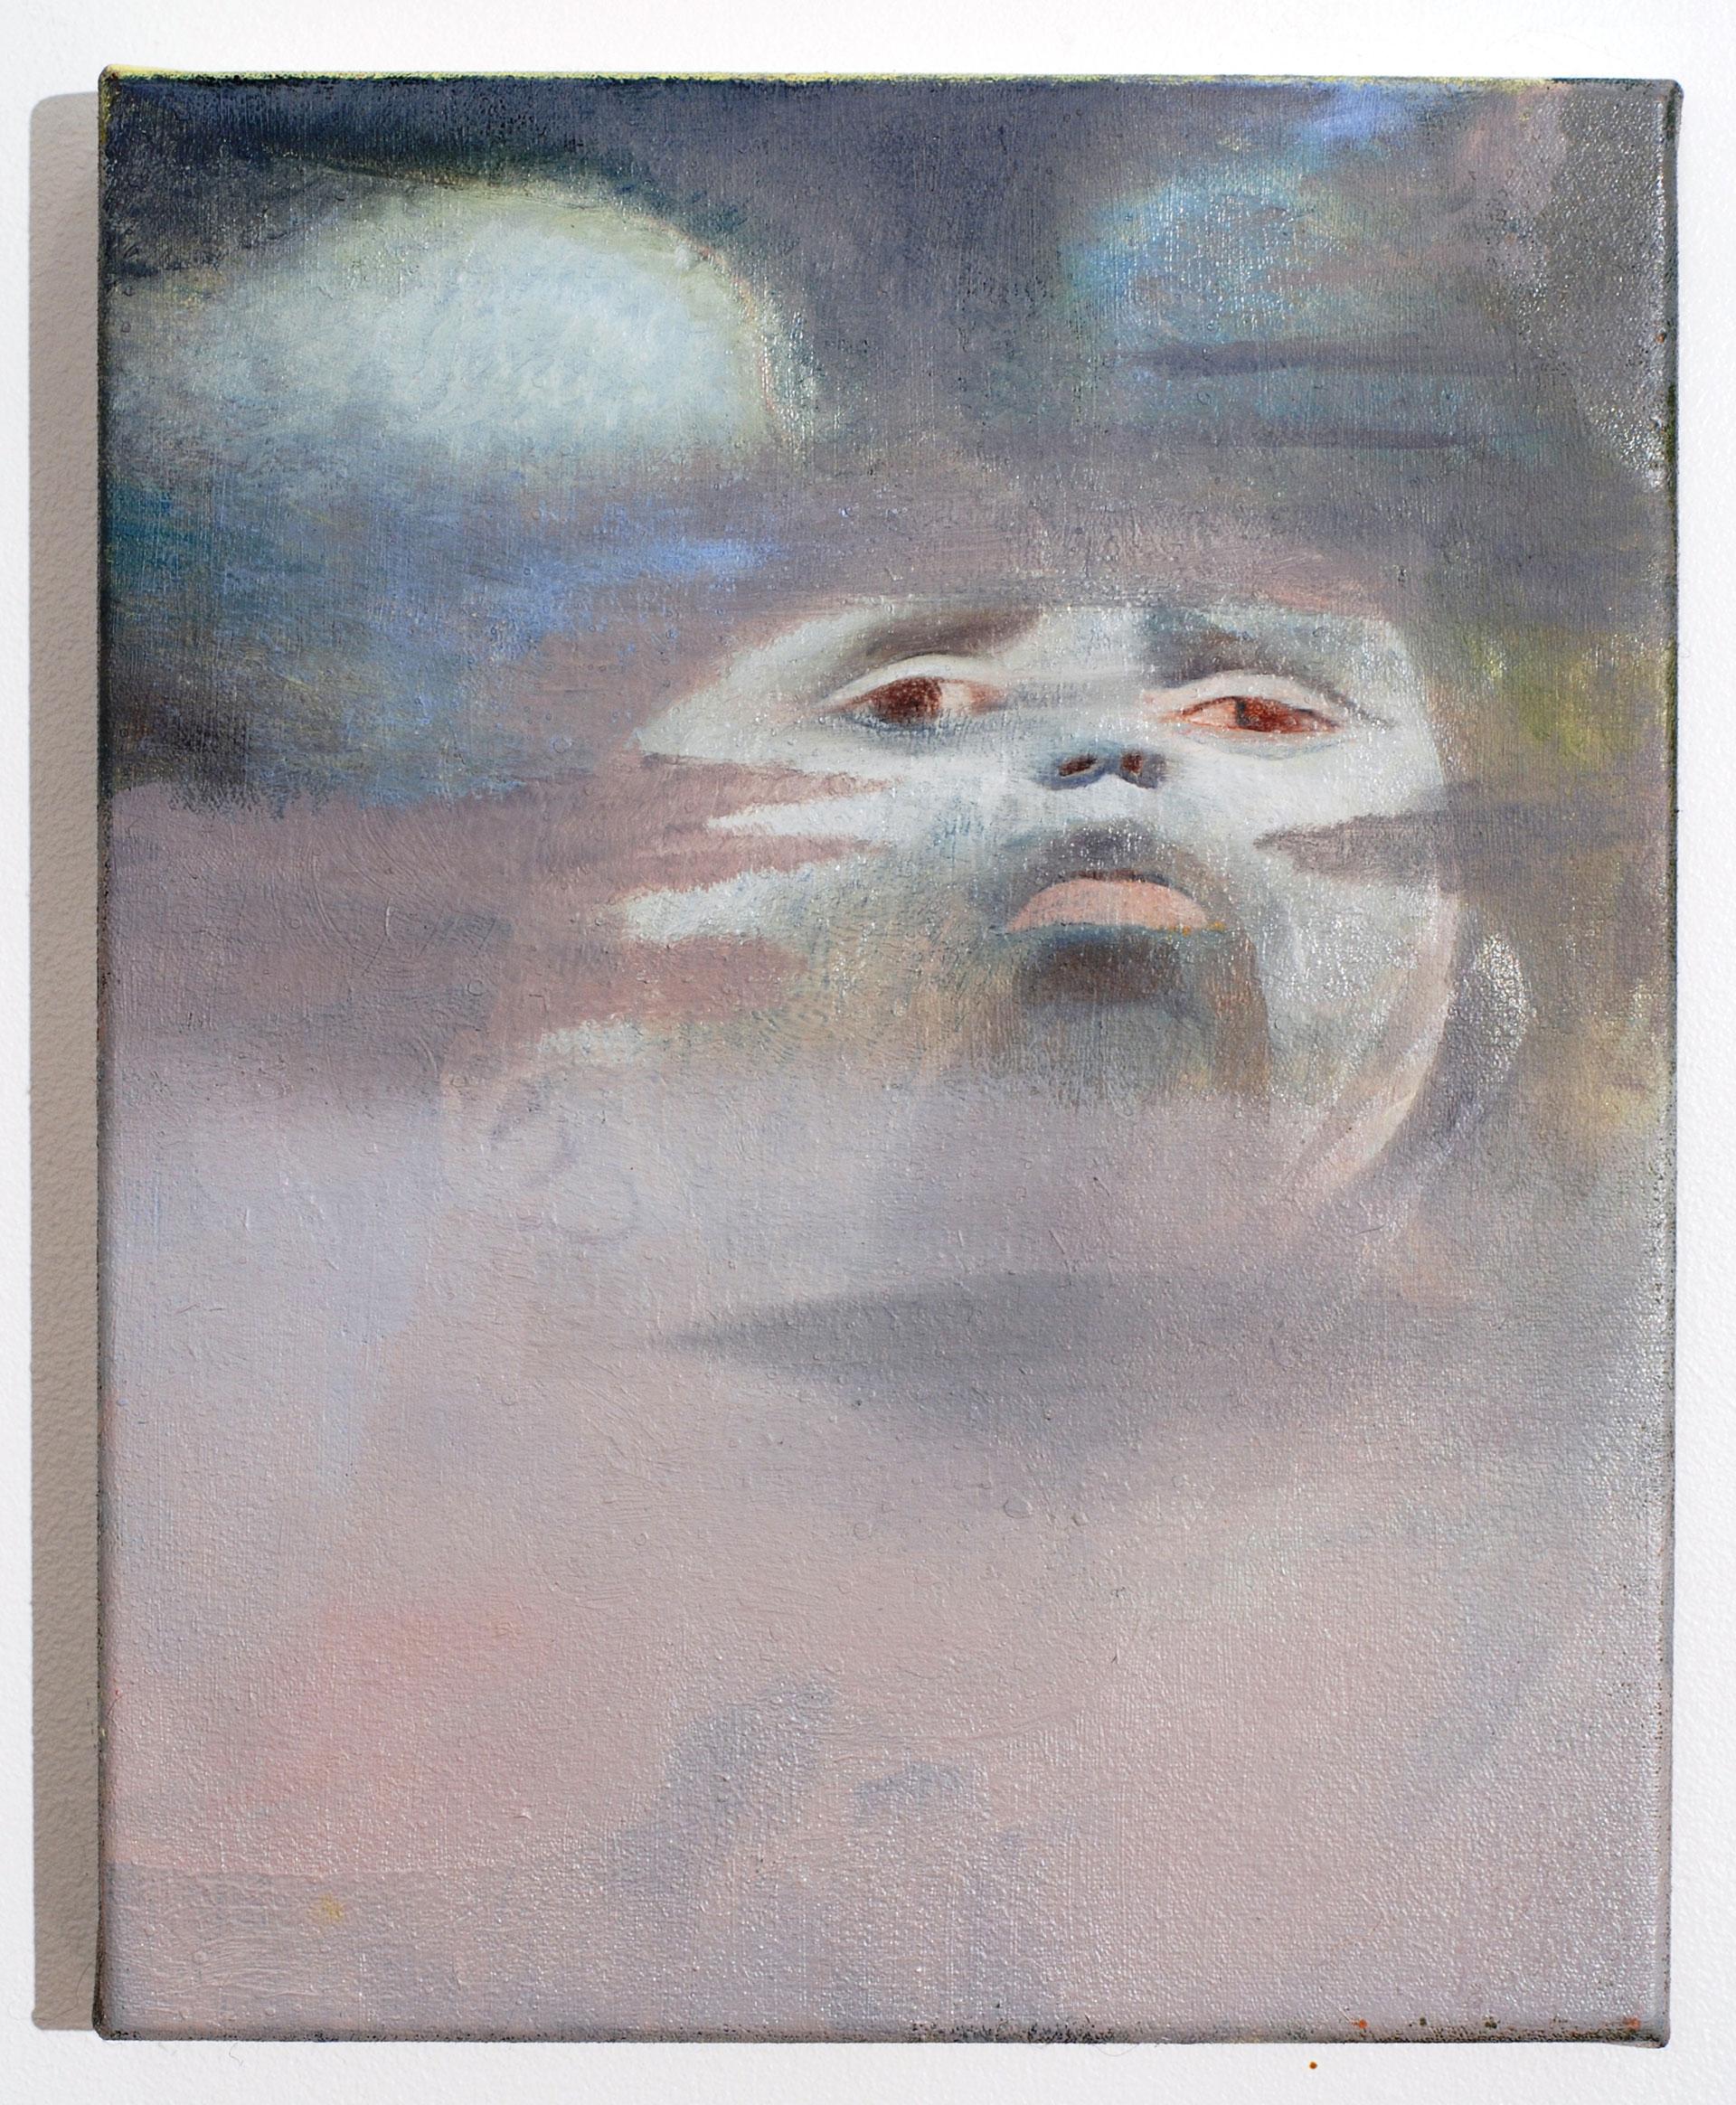 Madeleine Kelly Non-Sense 2008 Oil on polyester 25 x 20 cm